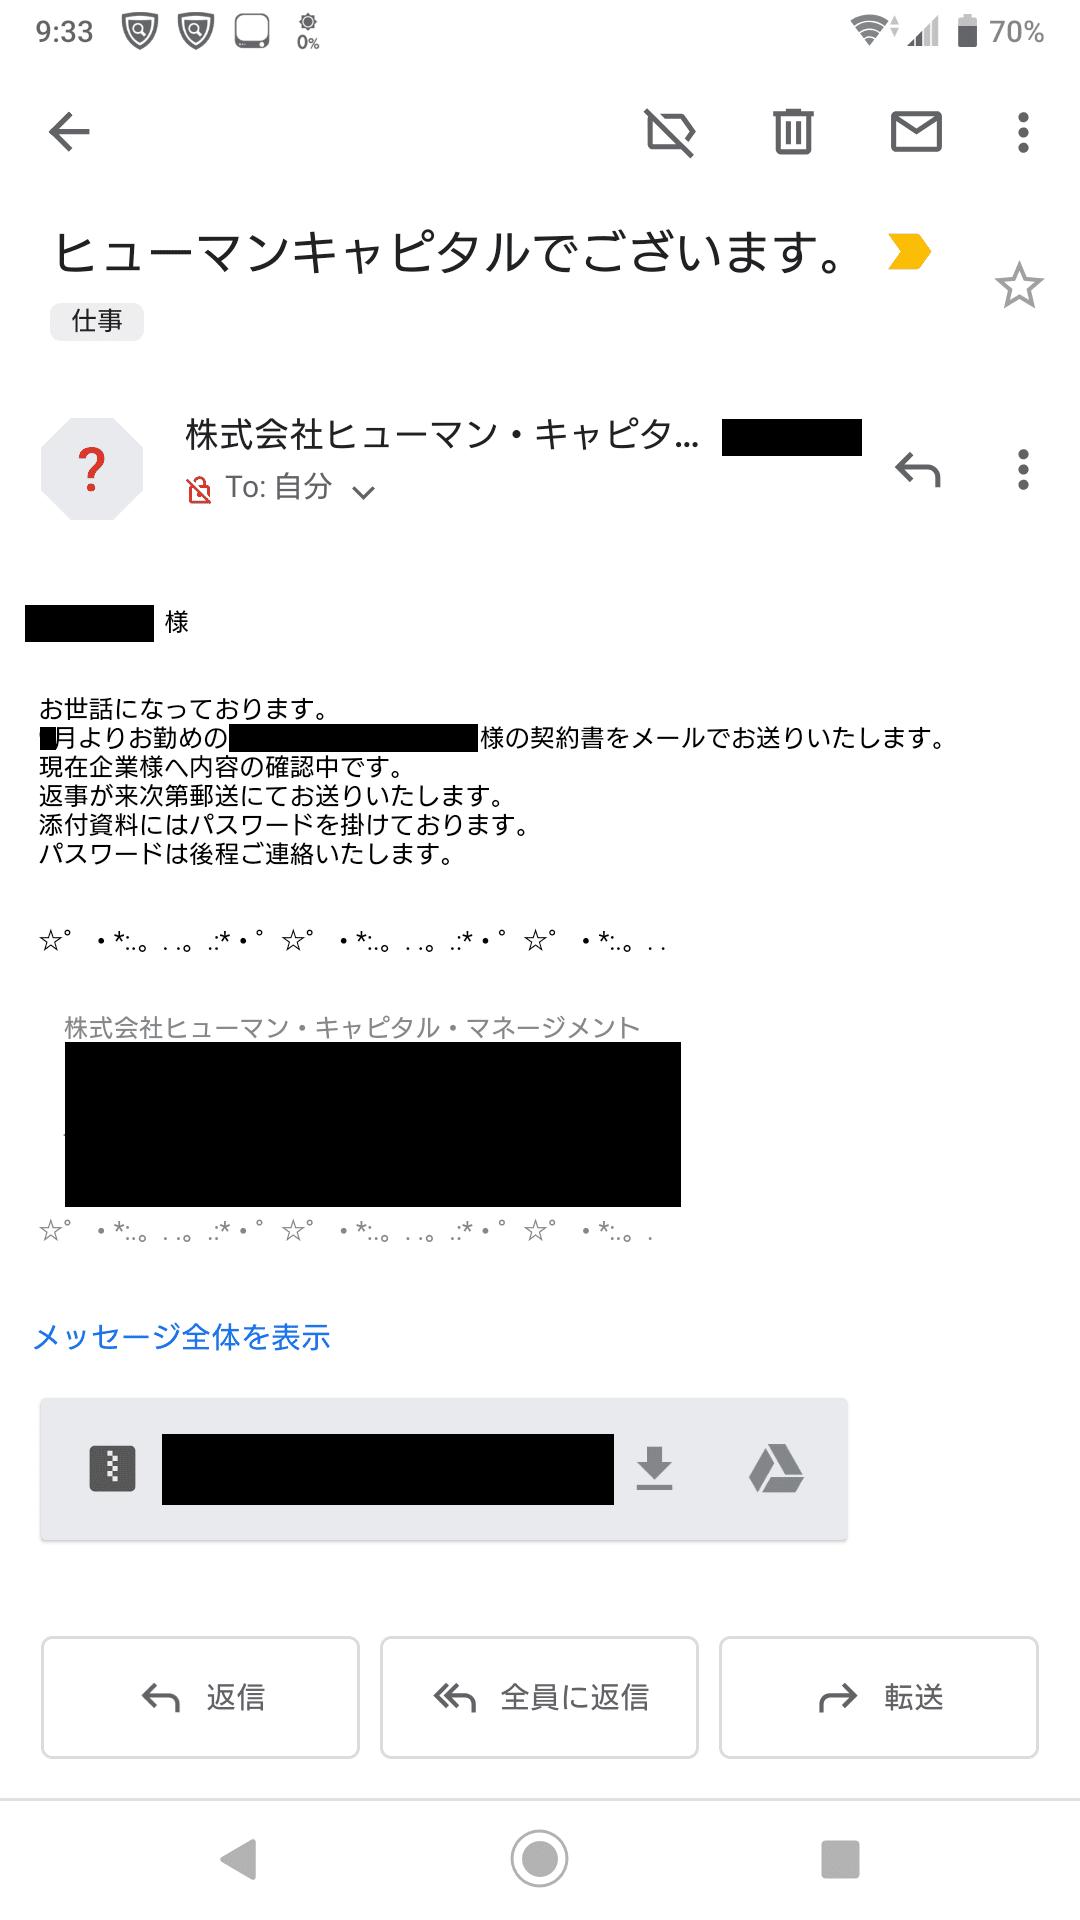 株式会社ヒューマン・キャピタル・マネージメント 大阪オフィス